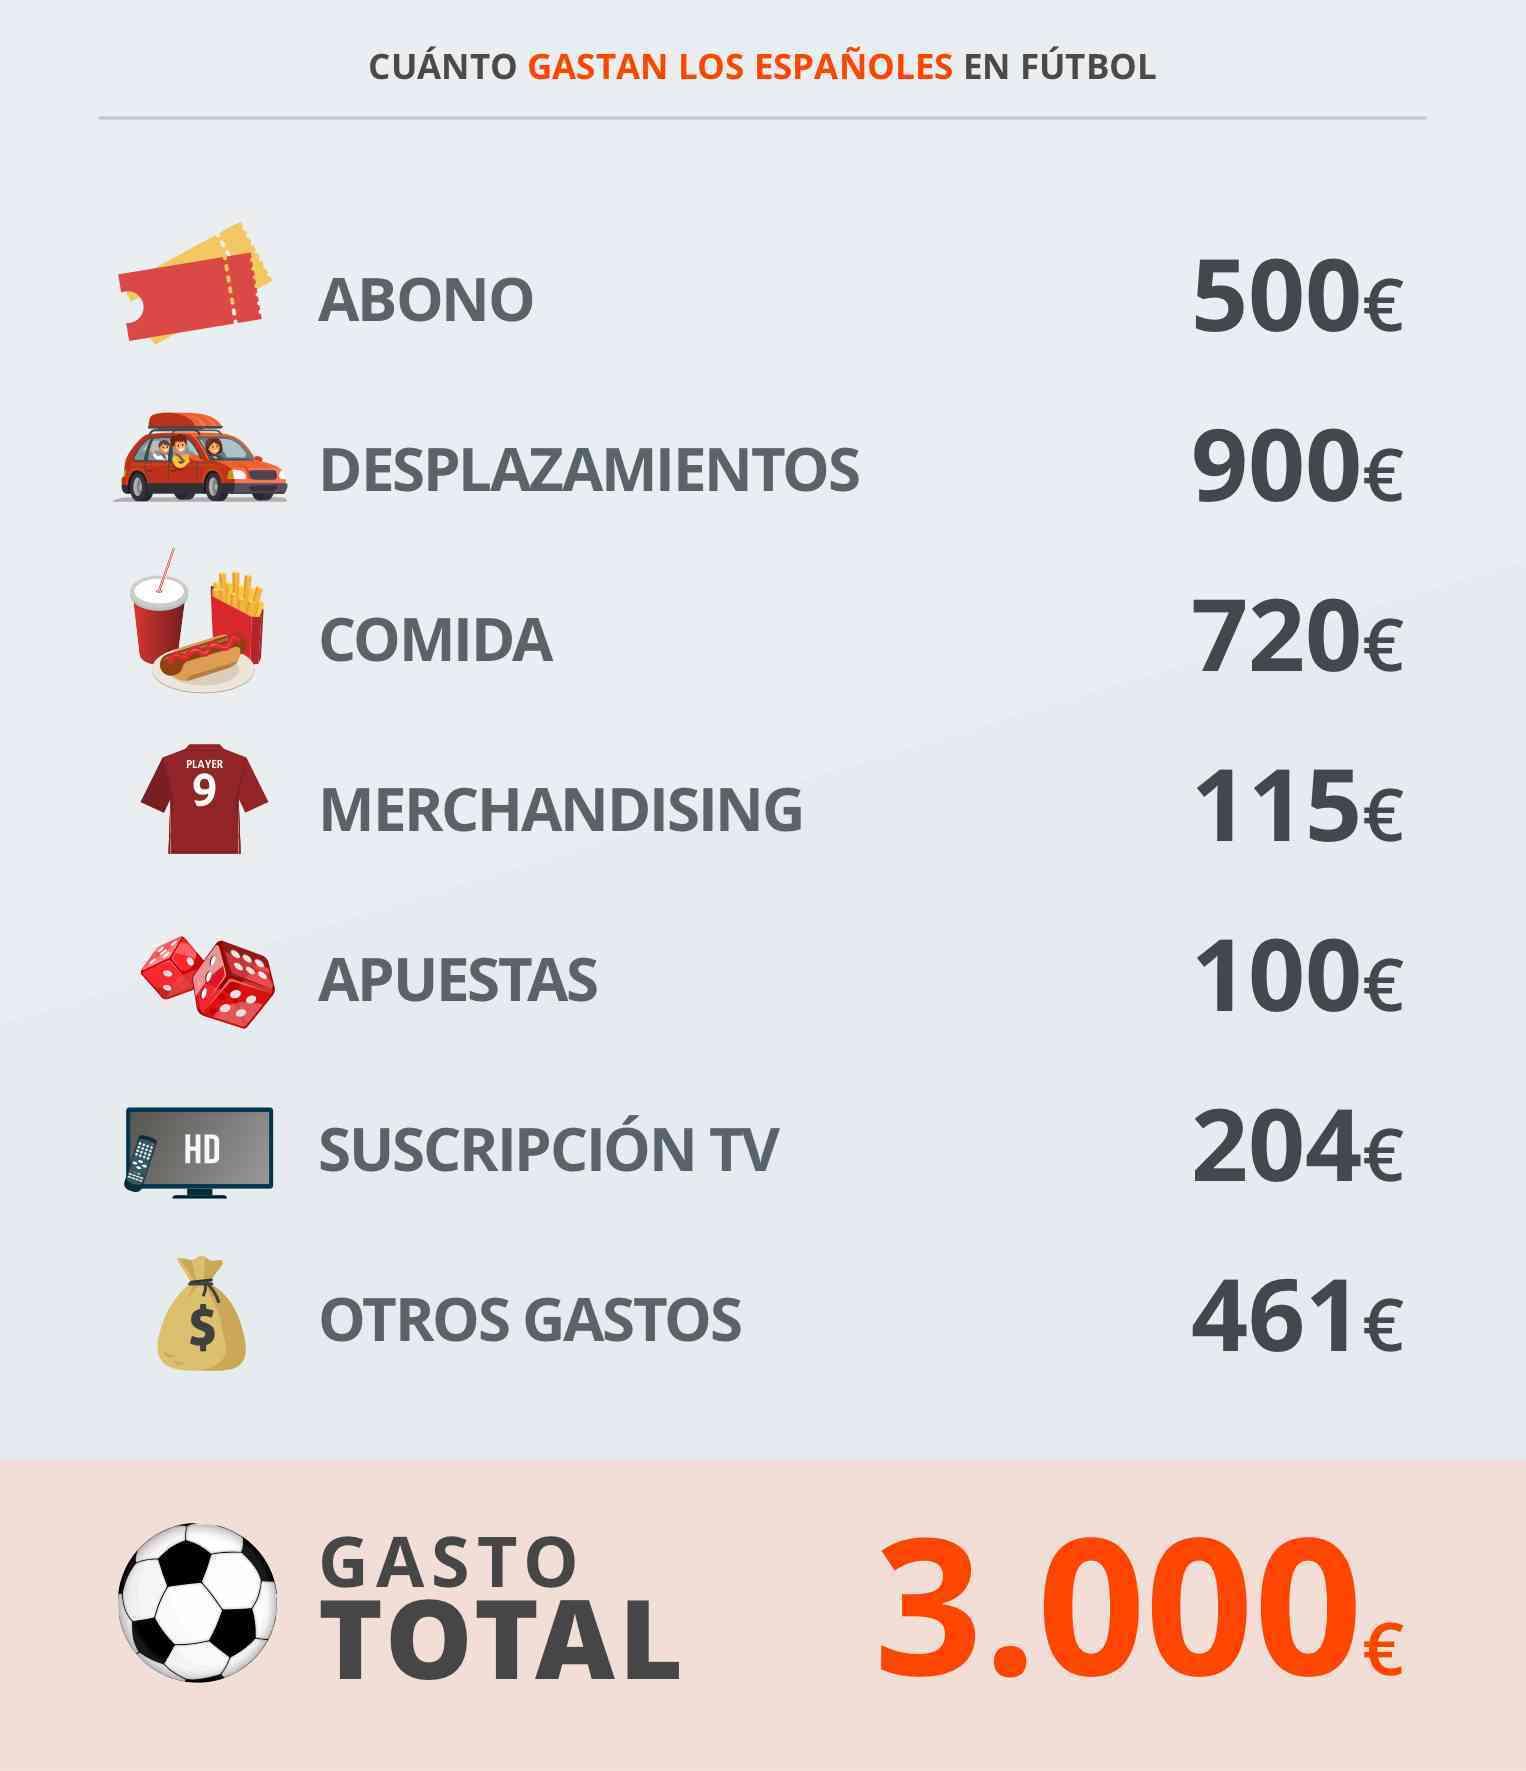 Los españoles gastan 3.000 euros al año en fútbol 2